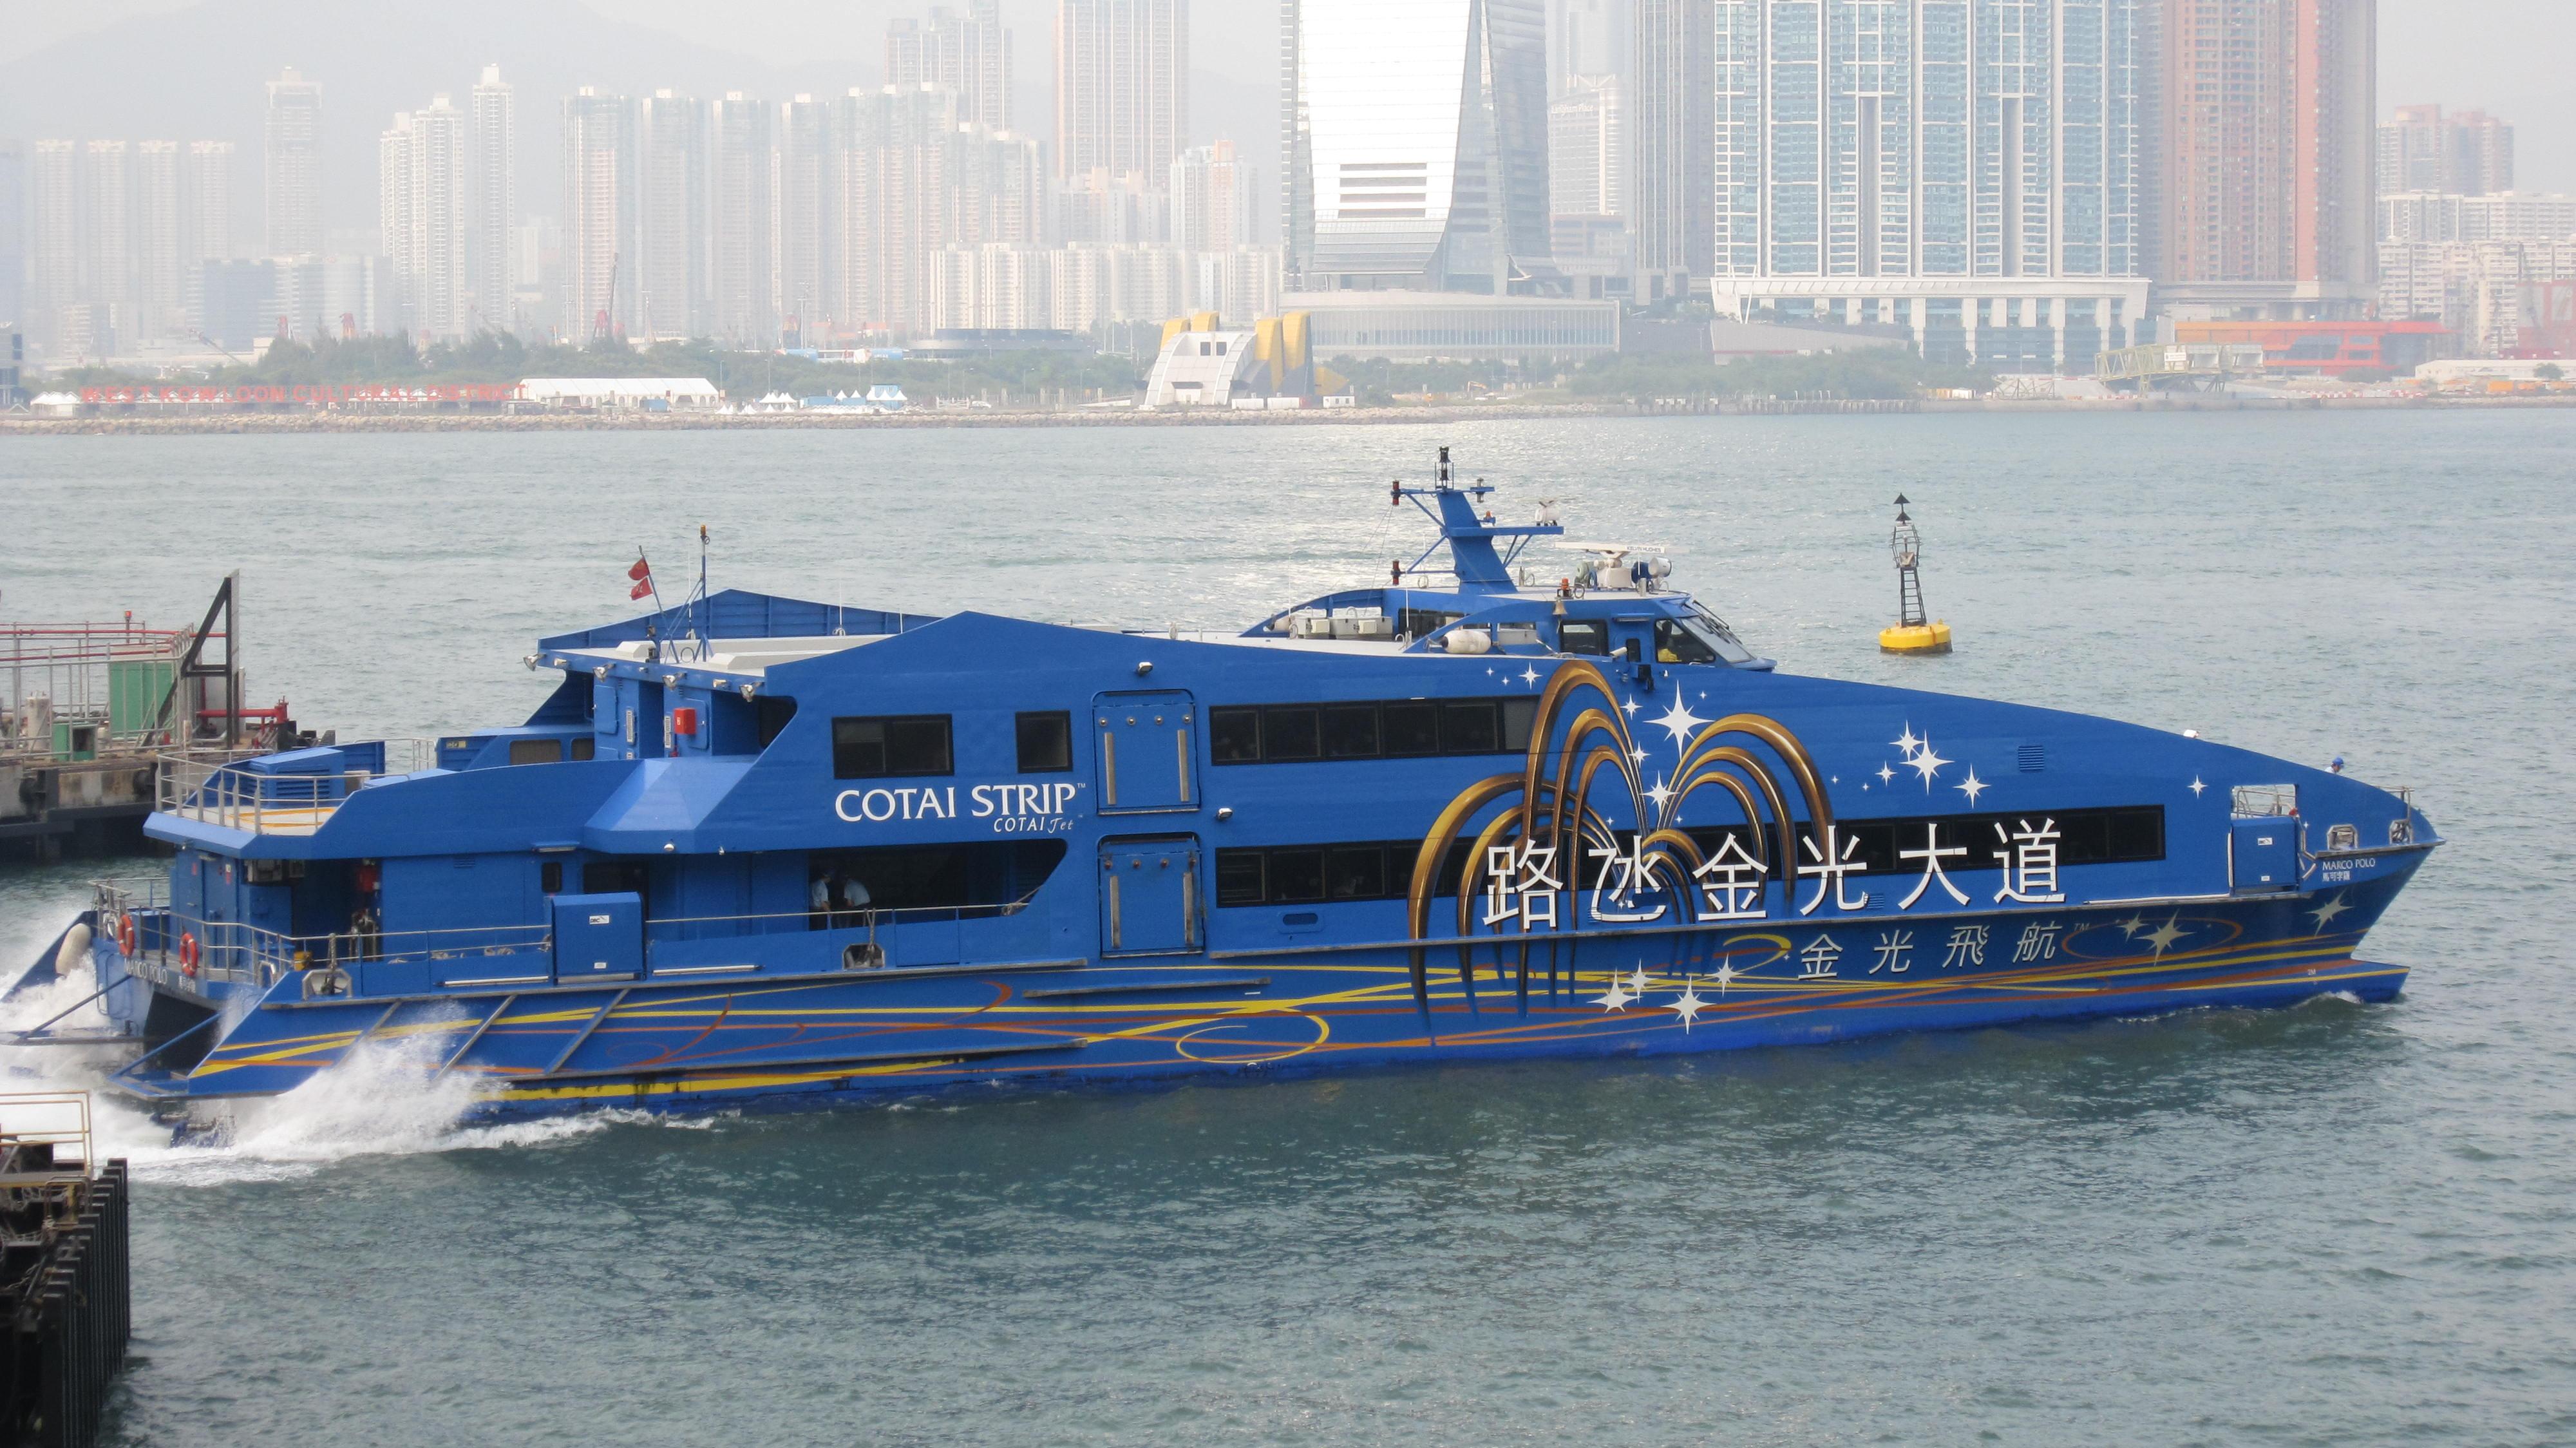 マカオフェリーターミナルからコタイジェットで香港へ!料金・時間・乗り方まで